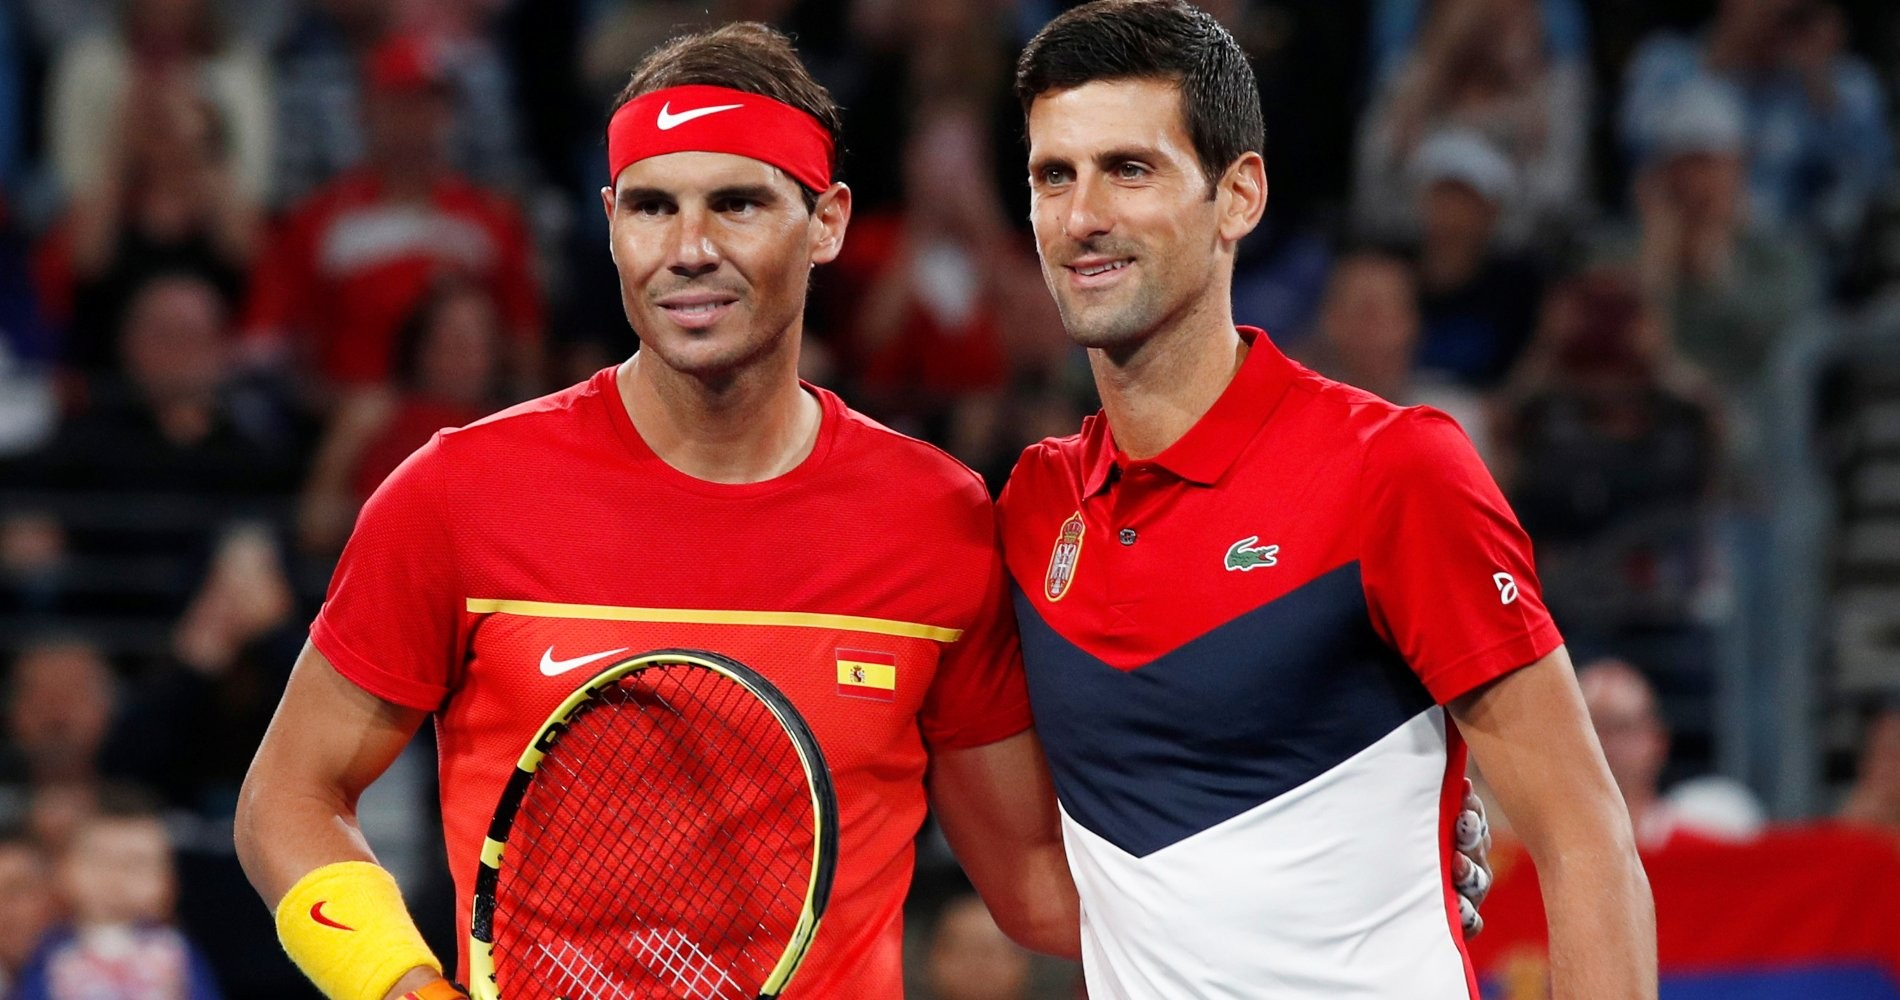 Rafael Nadal et Novak Djokovic, ATP Cup 2020